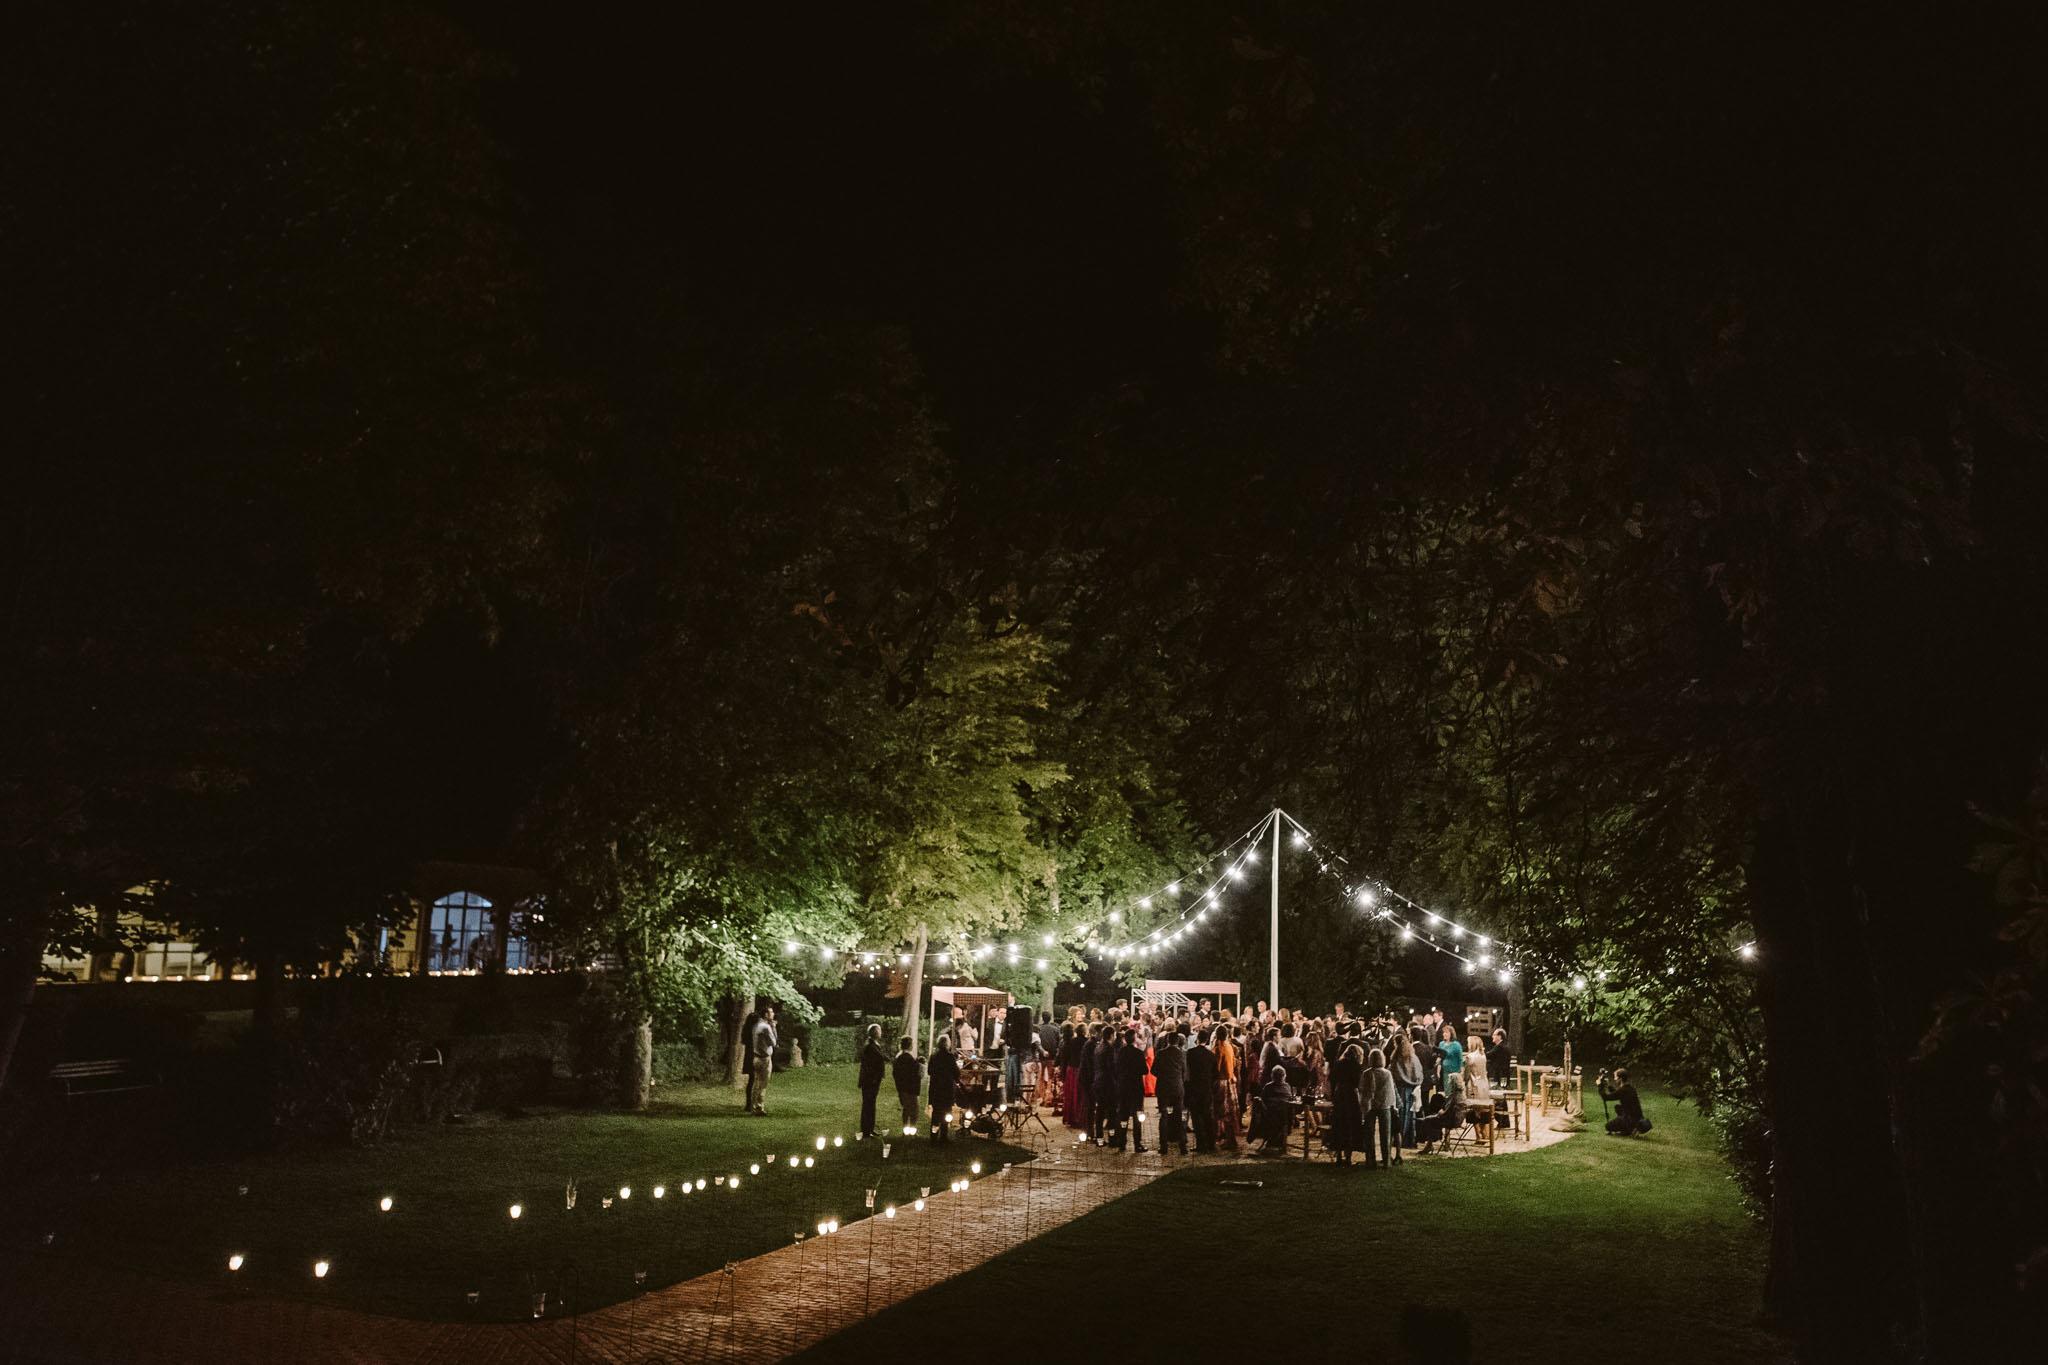 Guirnaldas de luces - Moasterio de lupiana boda - me caso - boda en burgos - Boda en Alava - Wedding plannner Alava